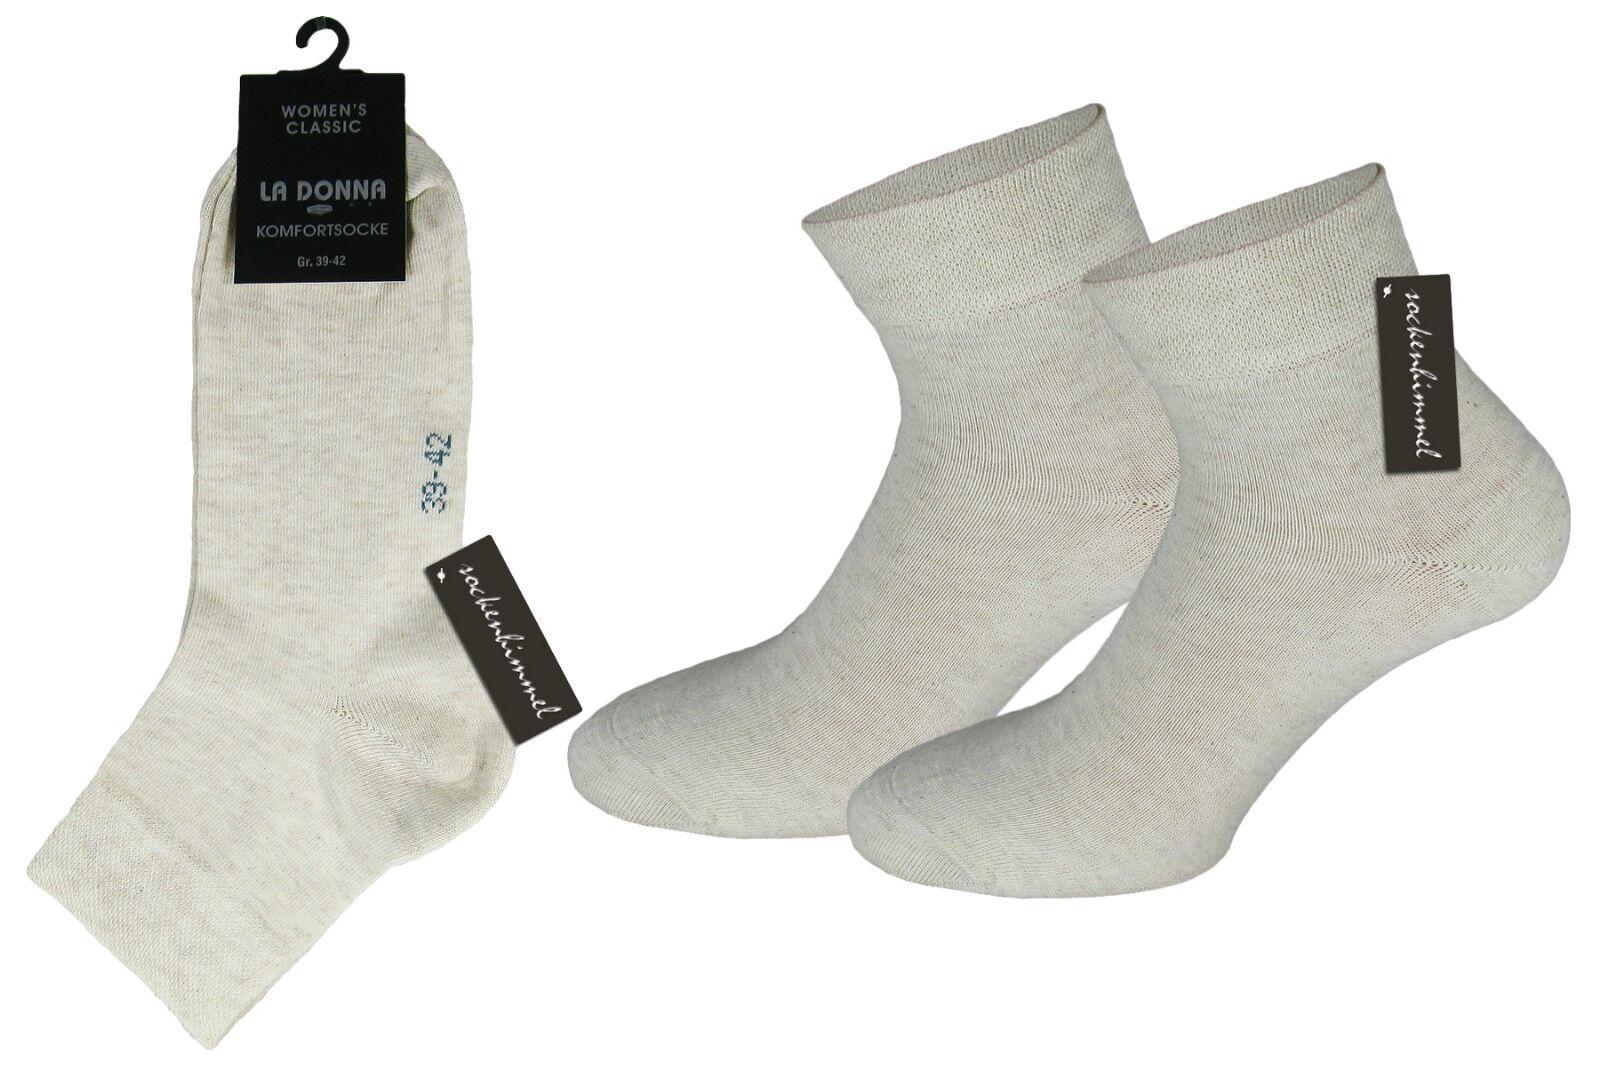 39-42 Damen Socken Strümpfe venenfreundlich,ohne Gummi Gr 35-38